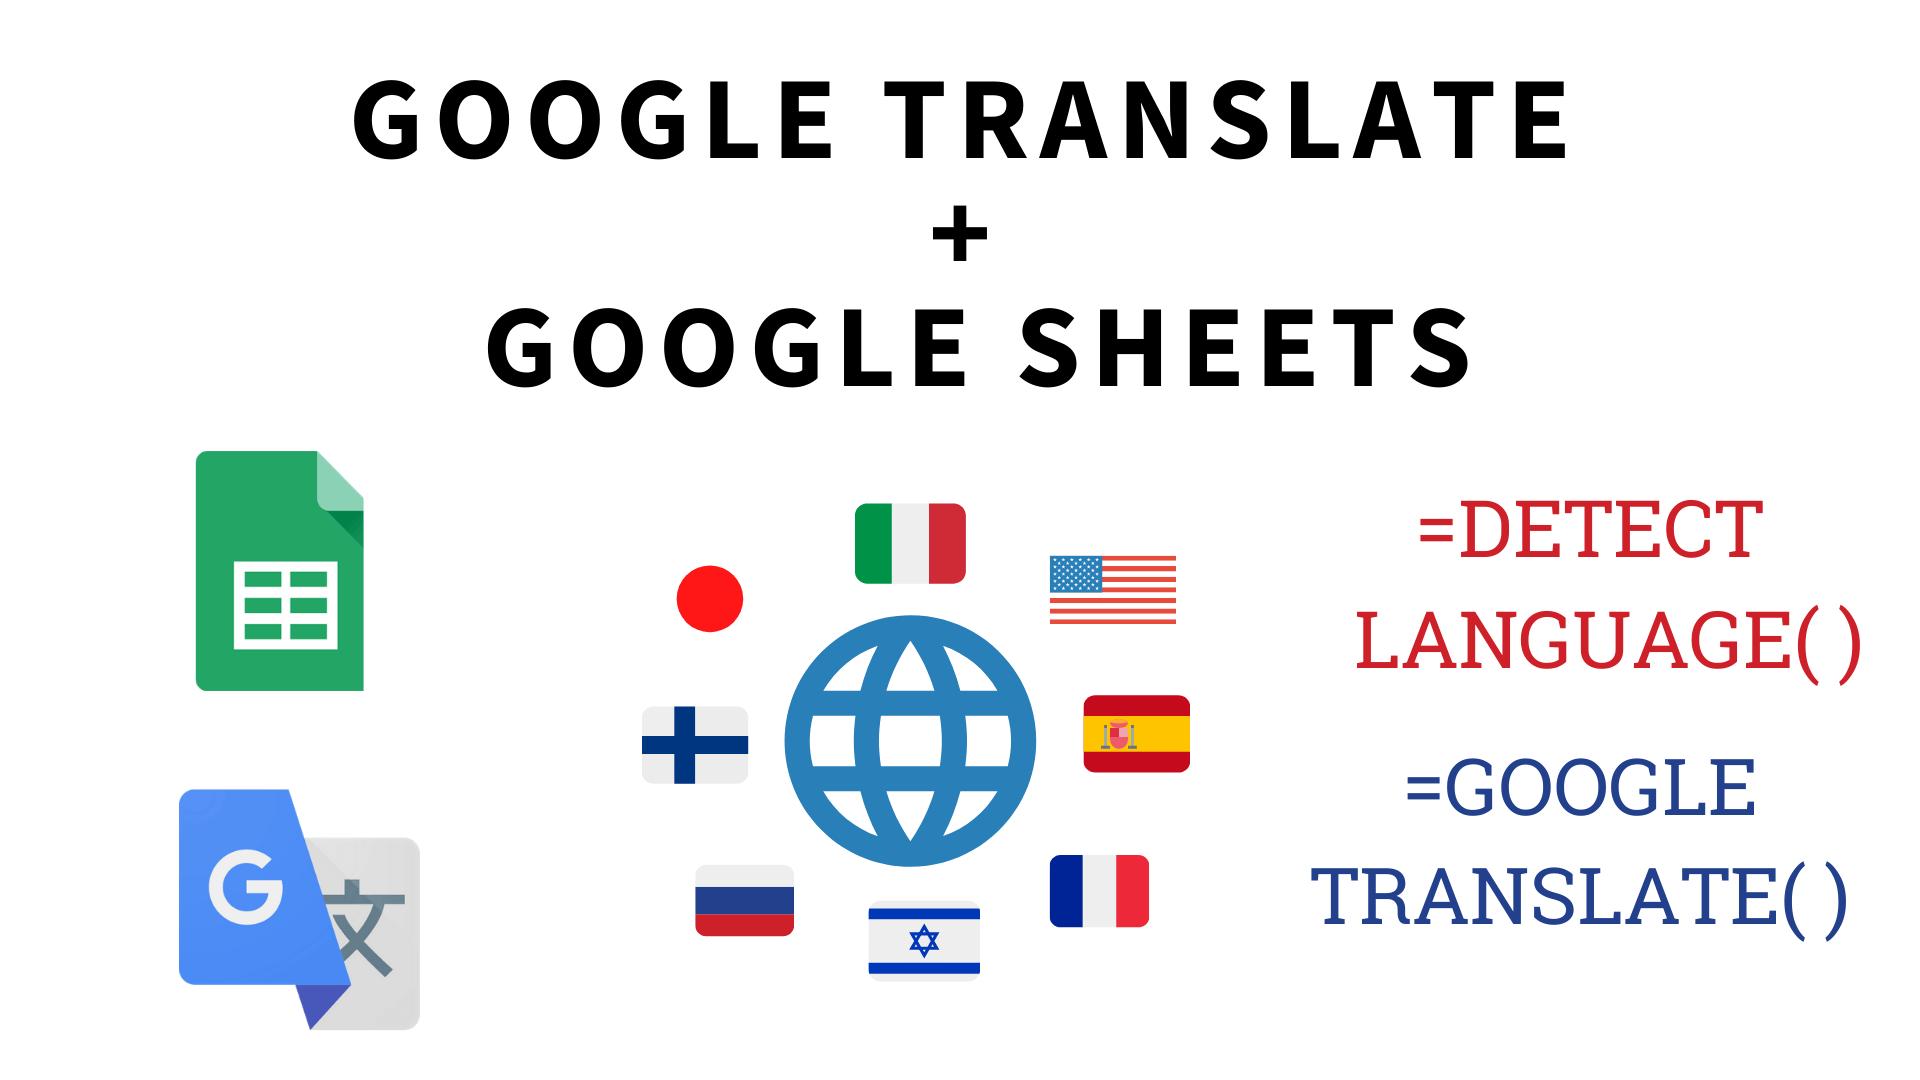 Detectar el idioma y traducir cualquier texto en Google Sheets con DETECTLANGUAGE() y GOOGLETRANSLATE()